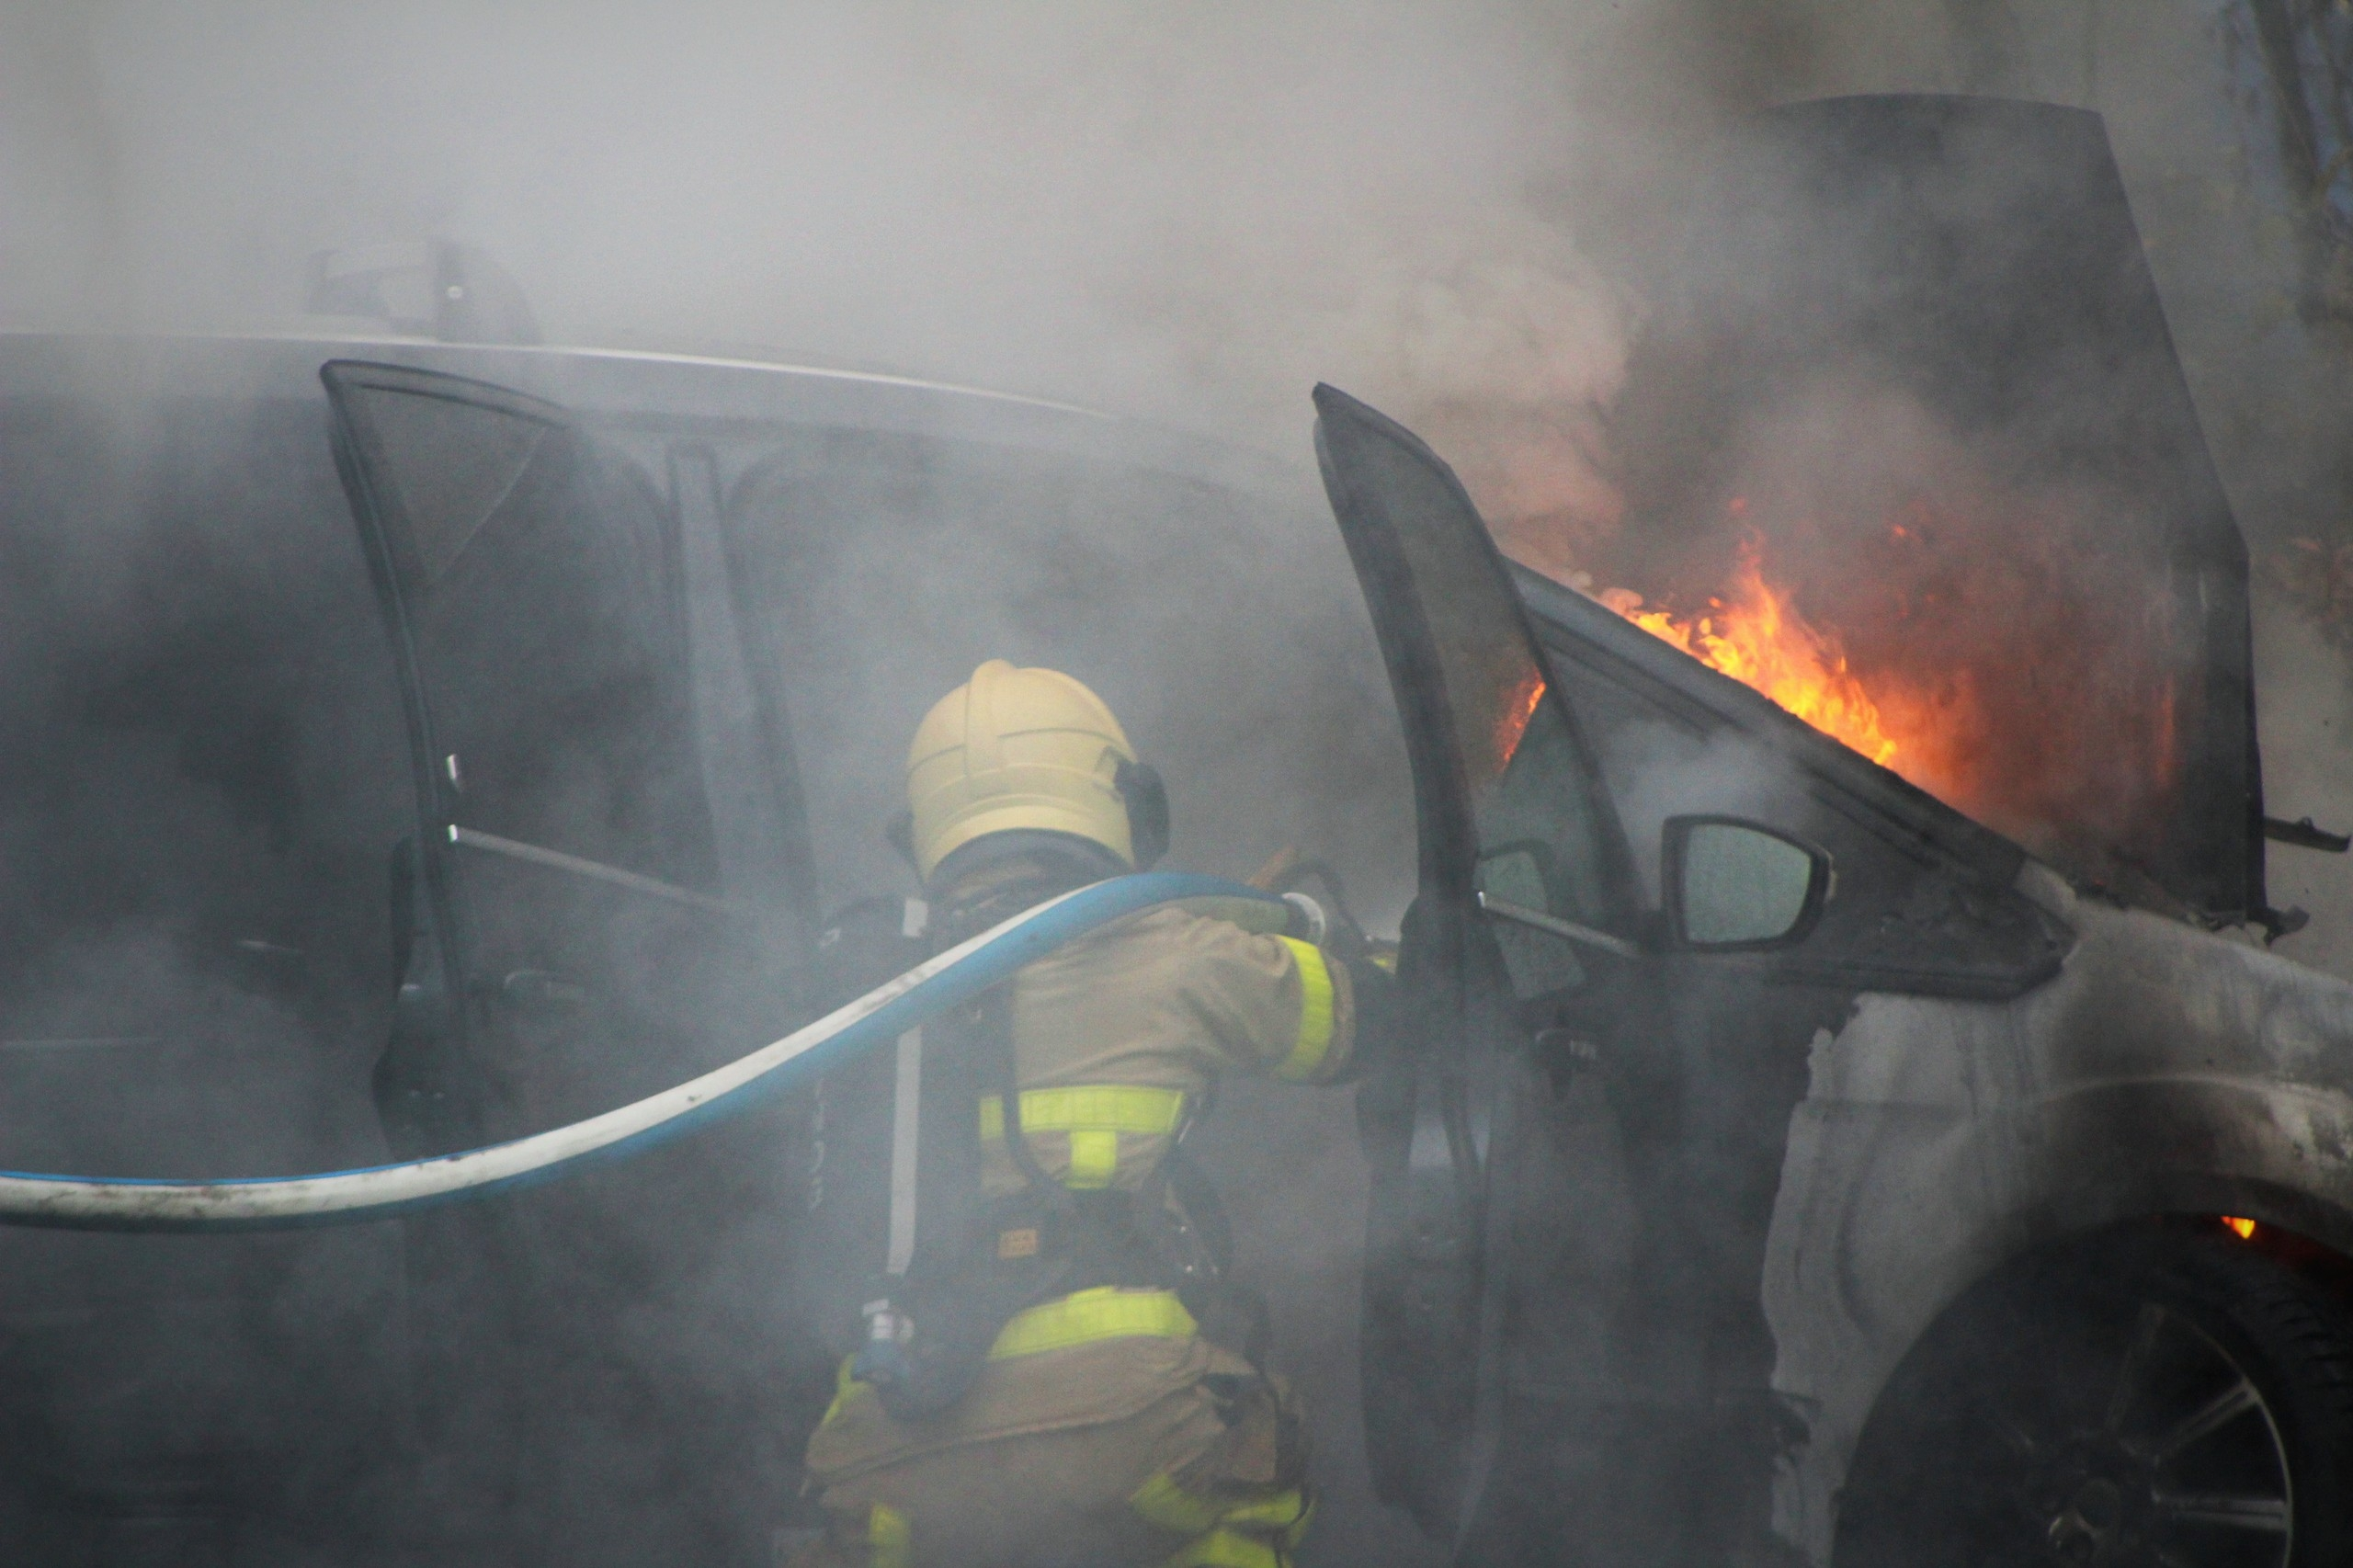 Autobrand met doffe knallen